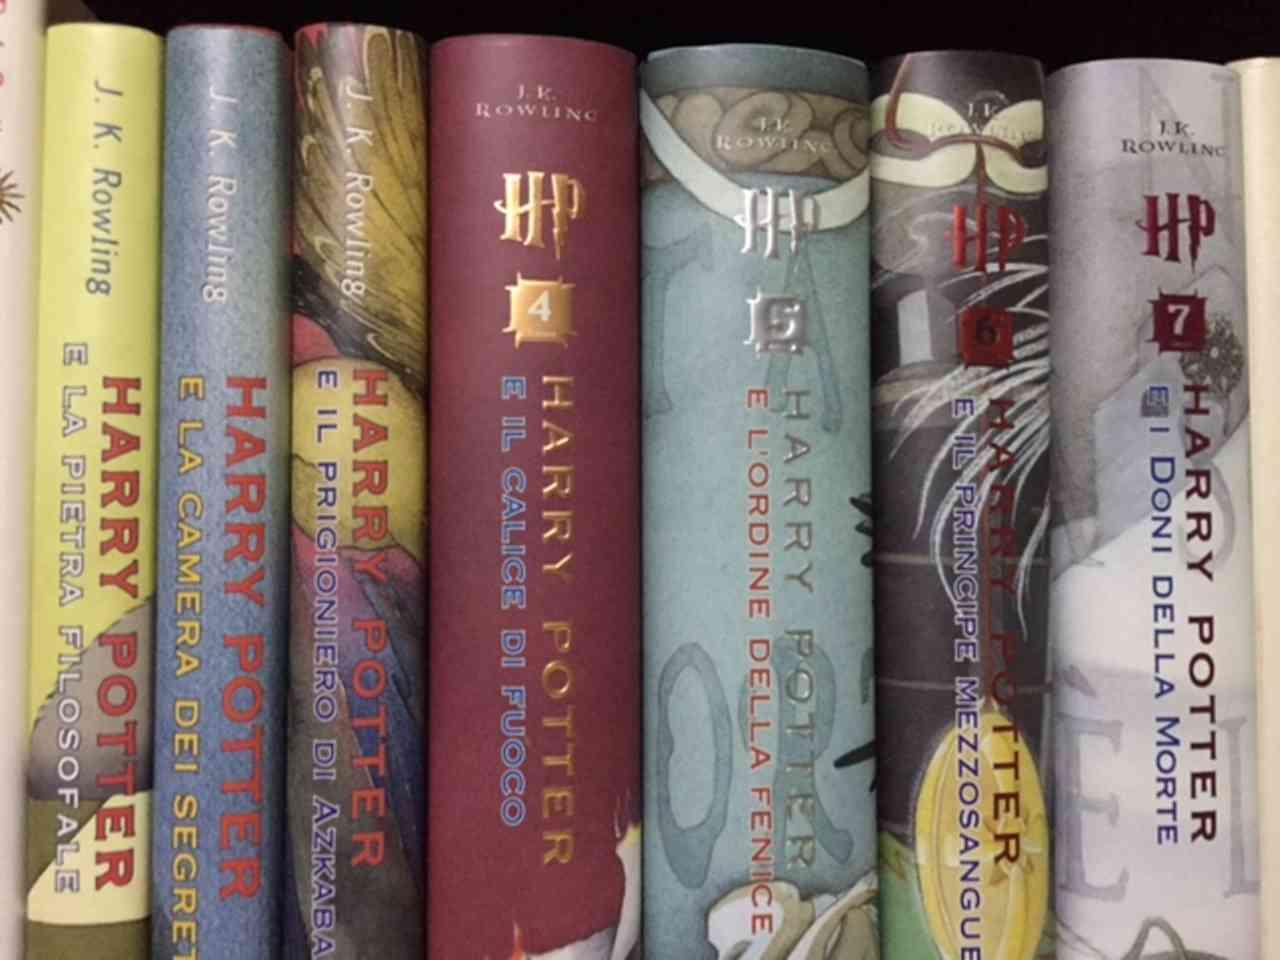 Possiedi questi vecchi libri? Ecco quanto ricaveresti se li vendessi